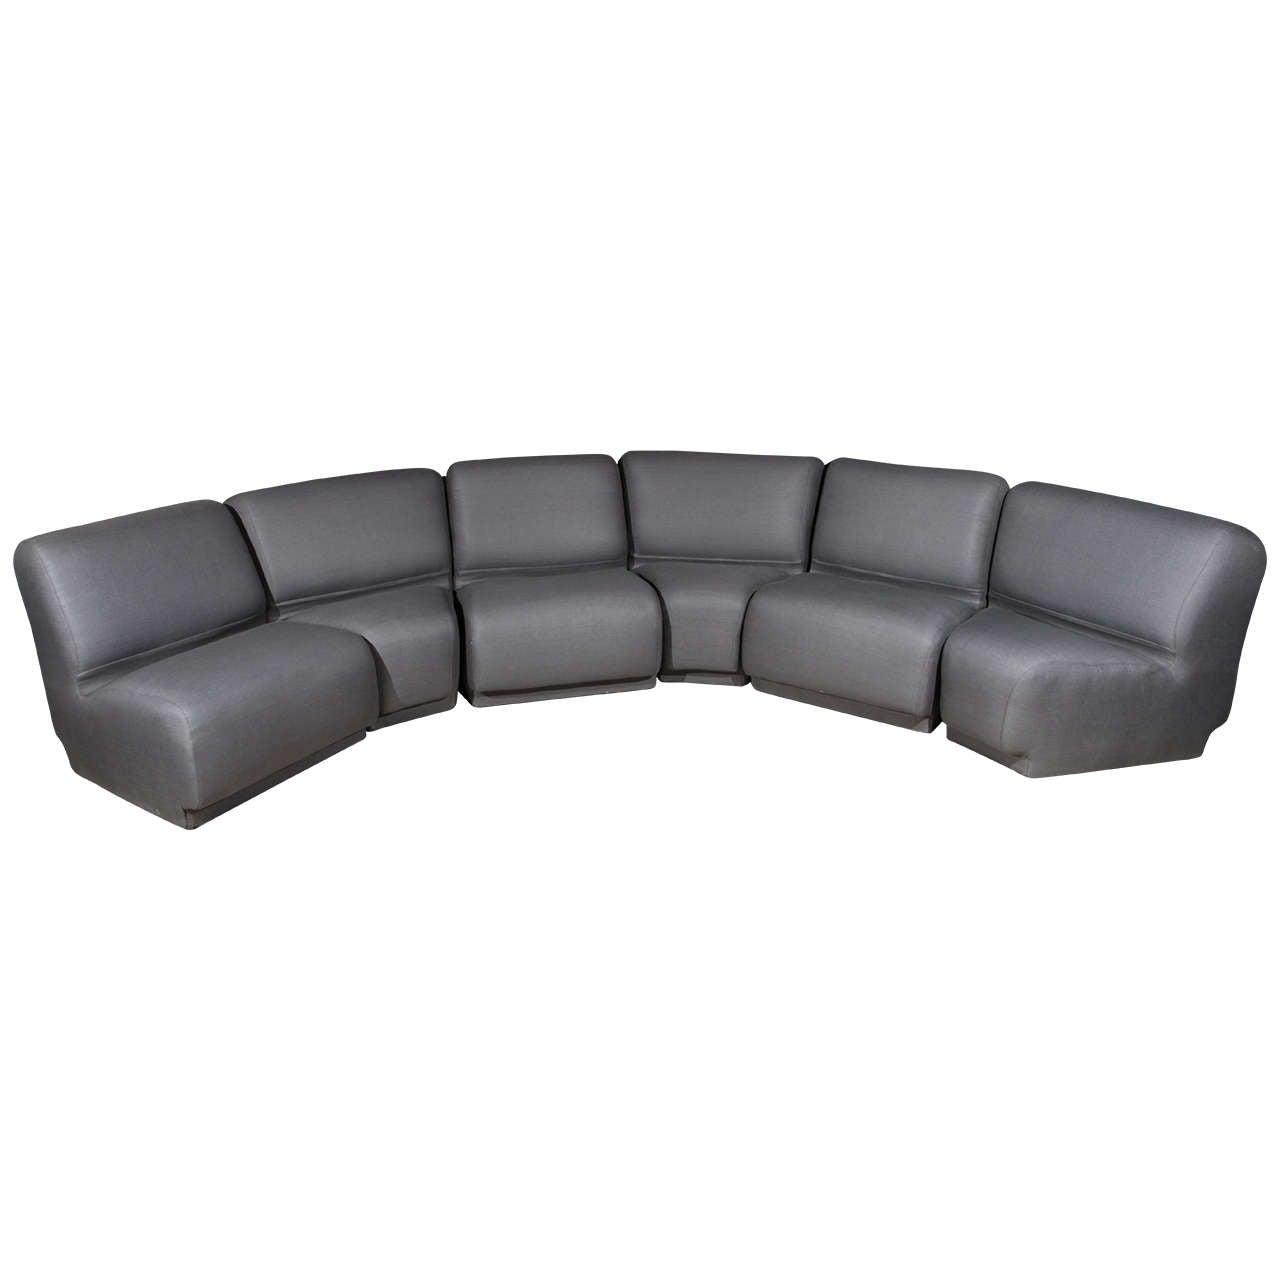 Semi Circular Modular Sofa By Knoll At 1stdibs